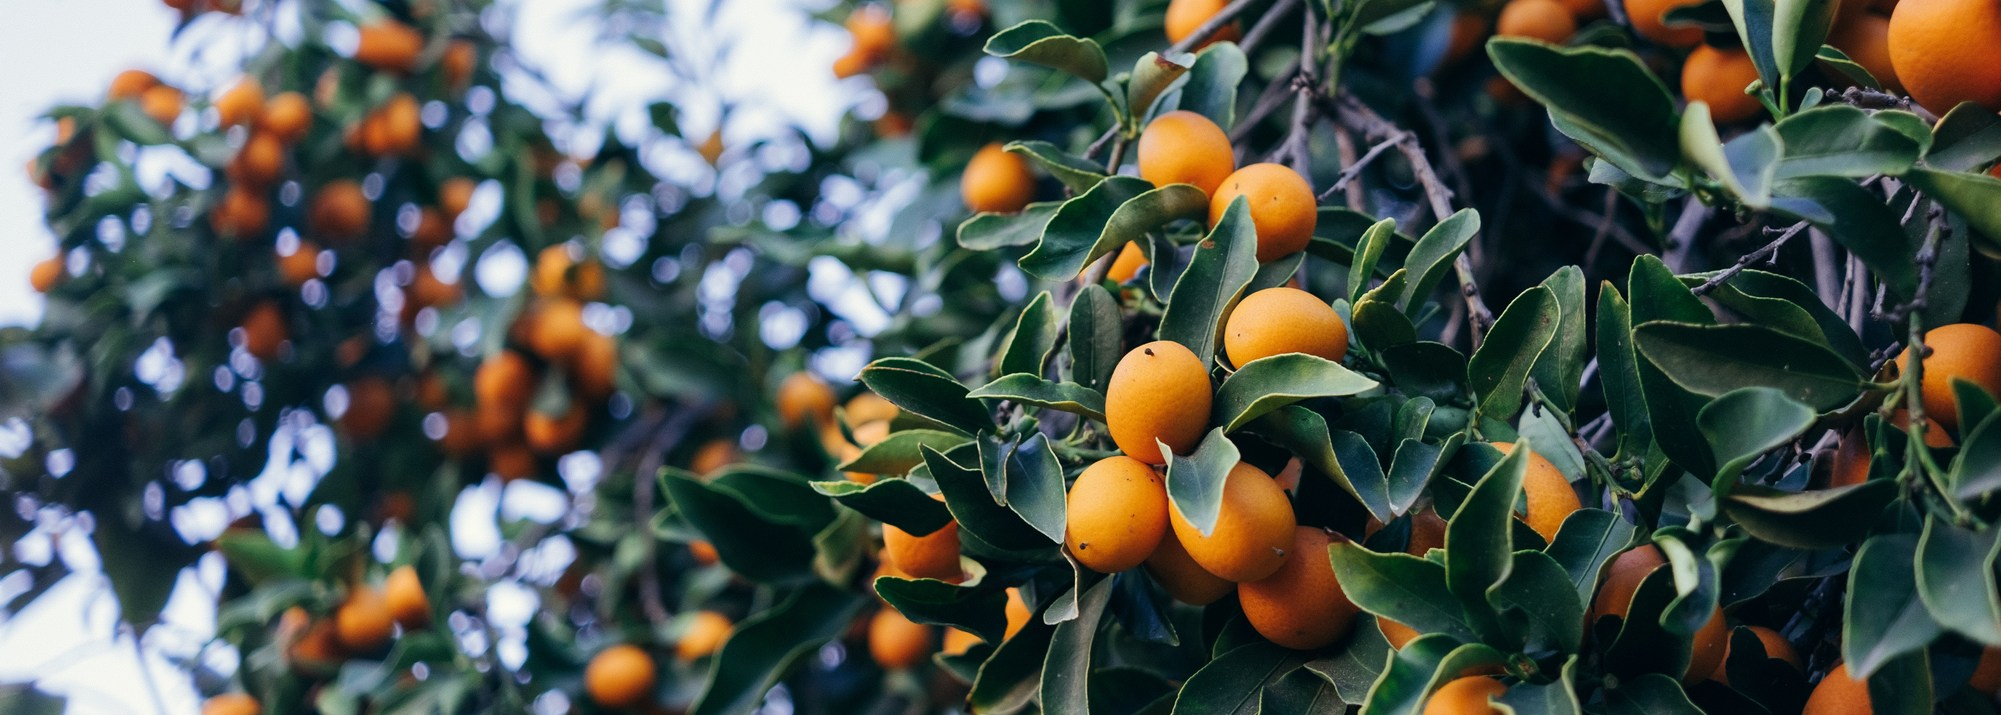 Arbre Fruitier En Pot Interieur arbres fruitiers : tous les arbres fruitiers nains et